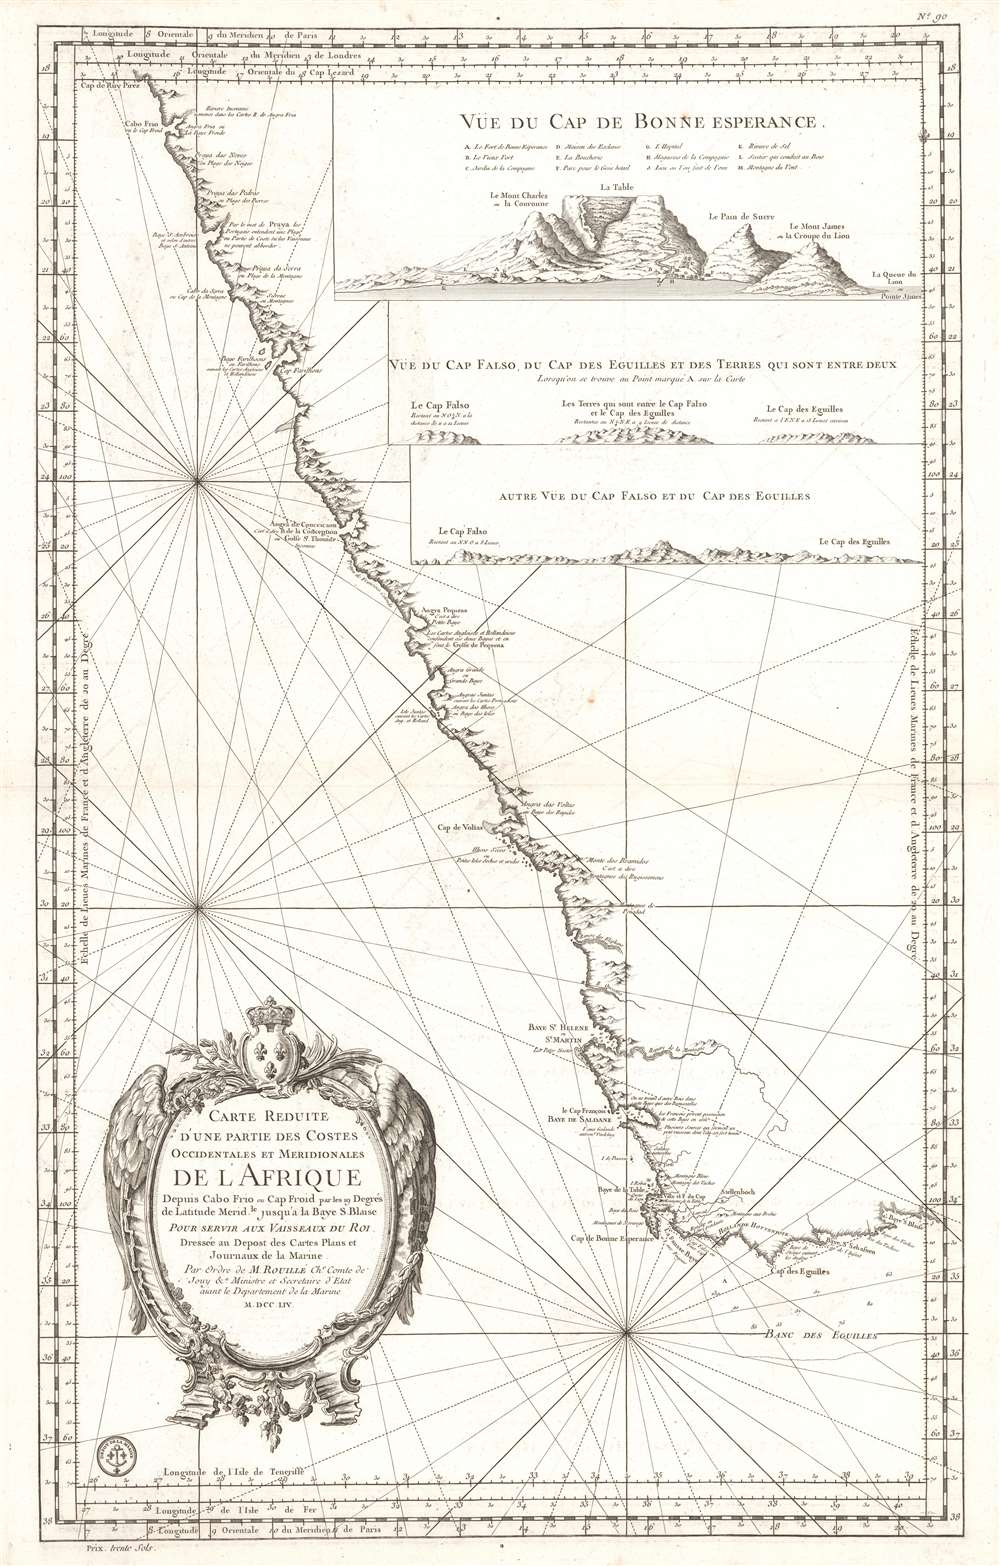 Carte Reduite d'Une partie des Costes Occidentales et Meridionales de L'Afrique Depuis Cabo Frio ou Cap Froid.